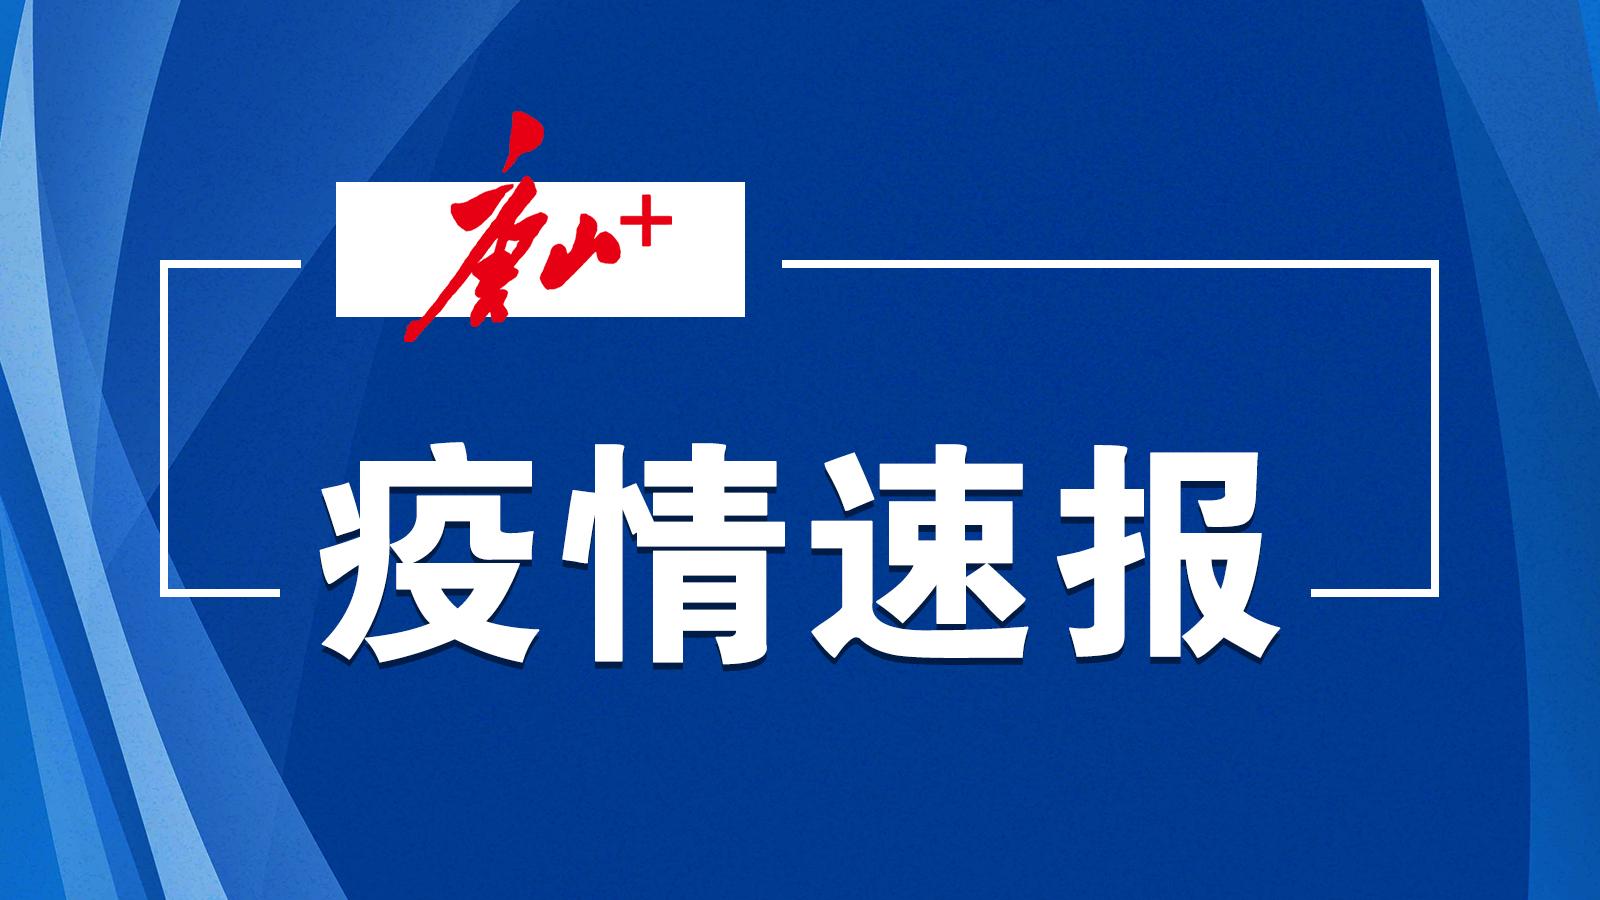 10月26日河北无新增确诊病例,新增无症状感染者1例